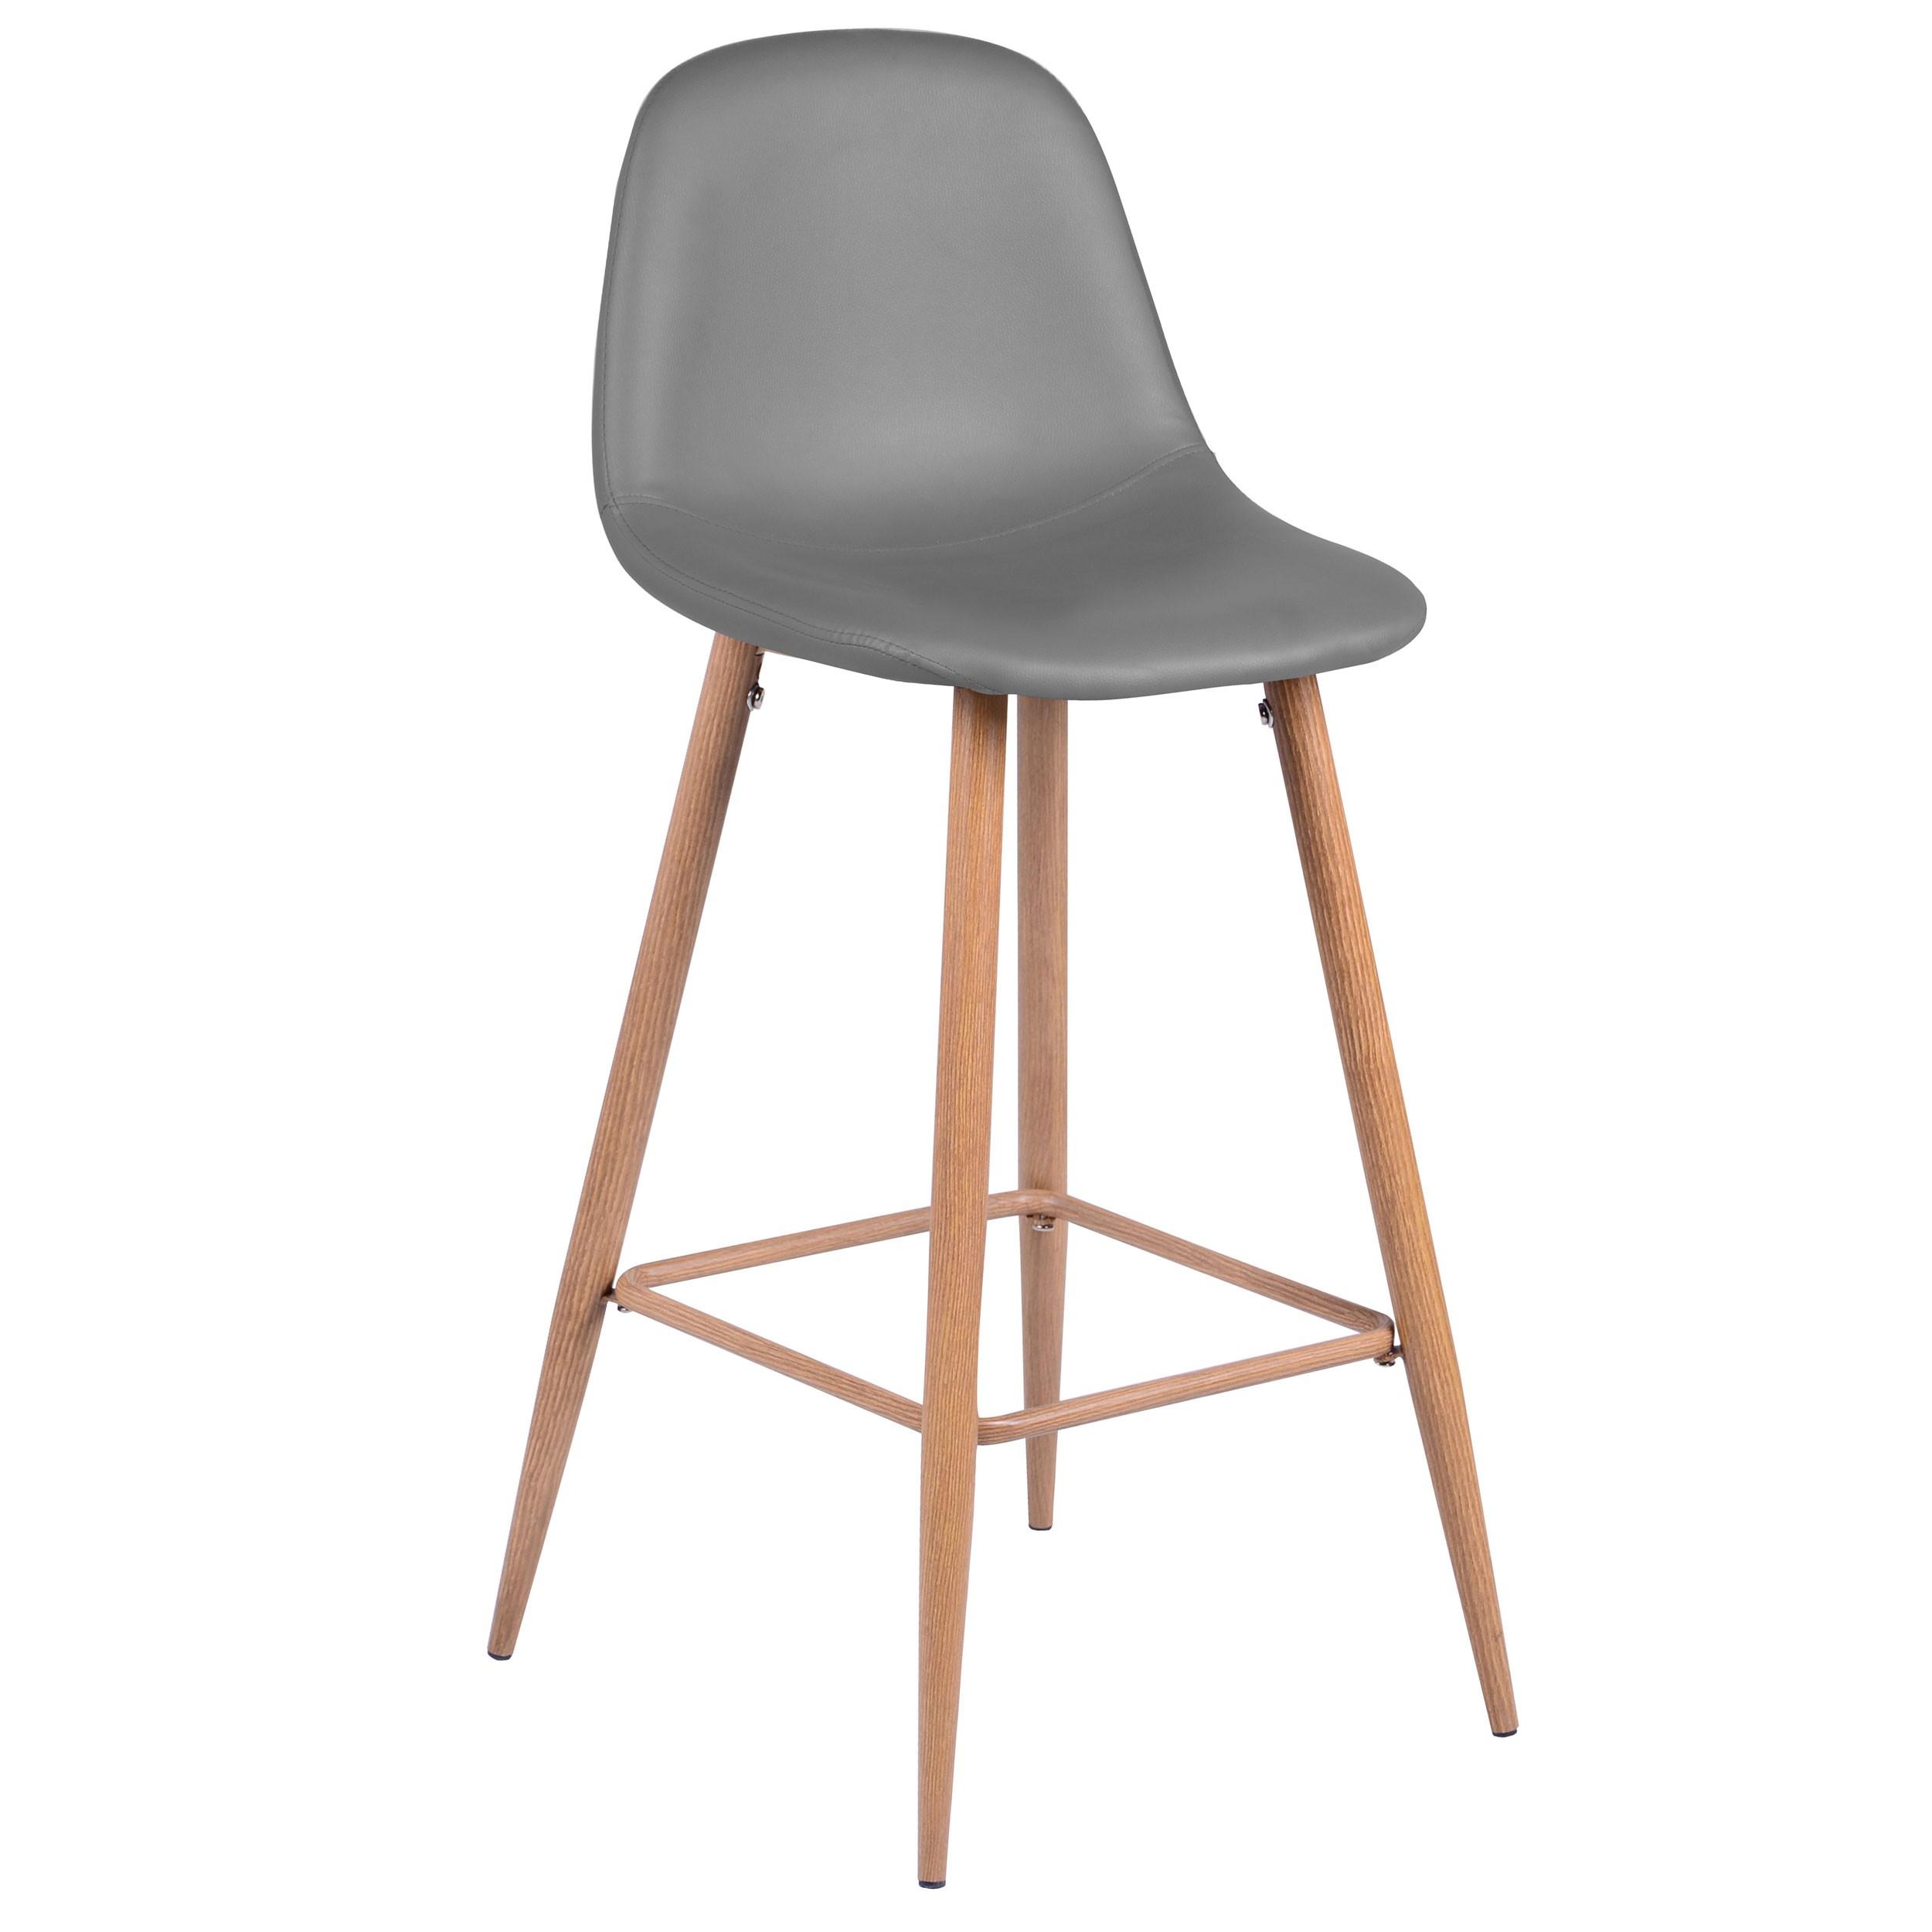 Chaise de bar scandinave grise en cuir synthétique (lot de 5)